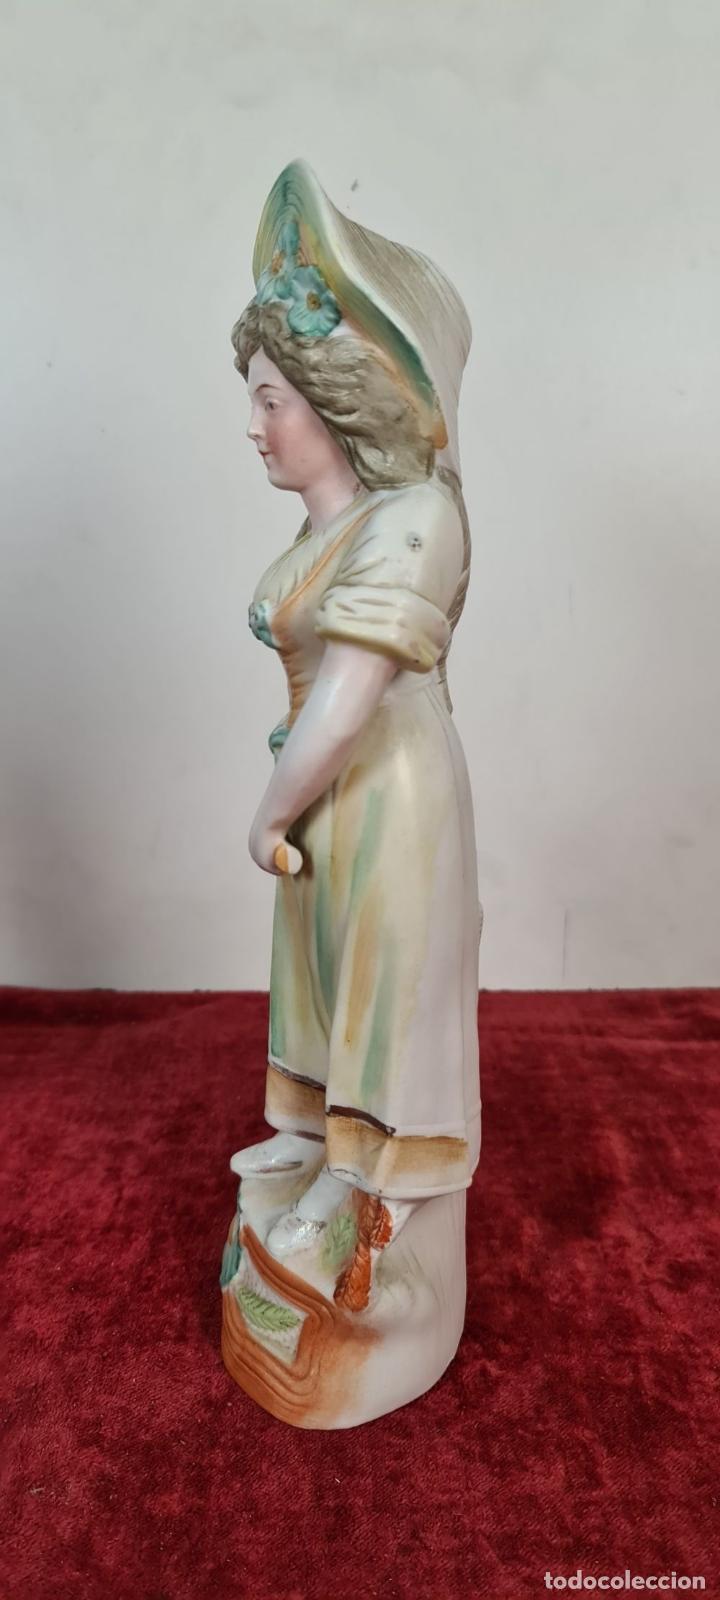 Antigüedades: PAREJA DE JOVENES EN PORCELANA. BISCUIT. PINTADOS A MANO. ALEMANIA. SIGLO XX. - Foto 8 - 220236906